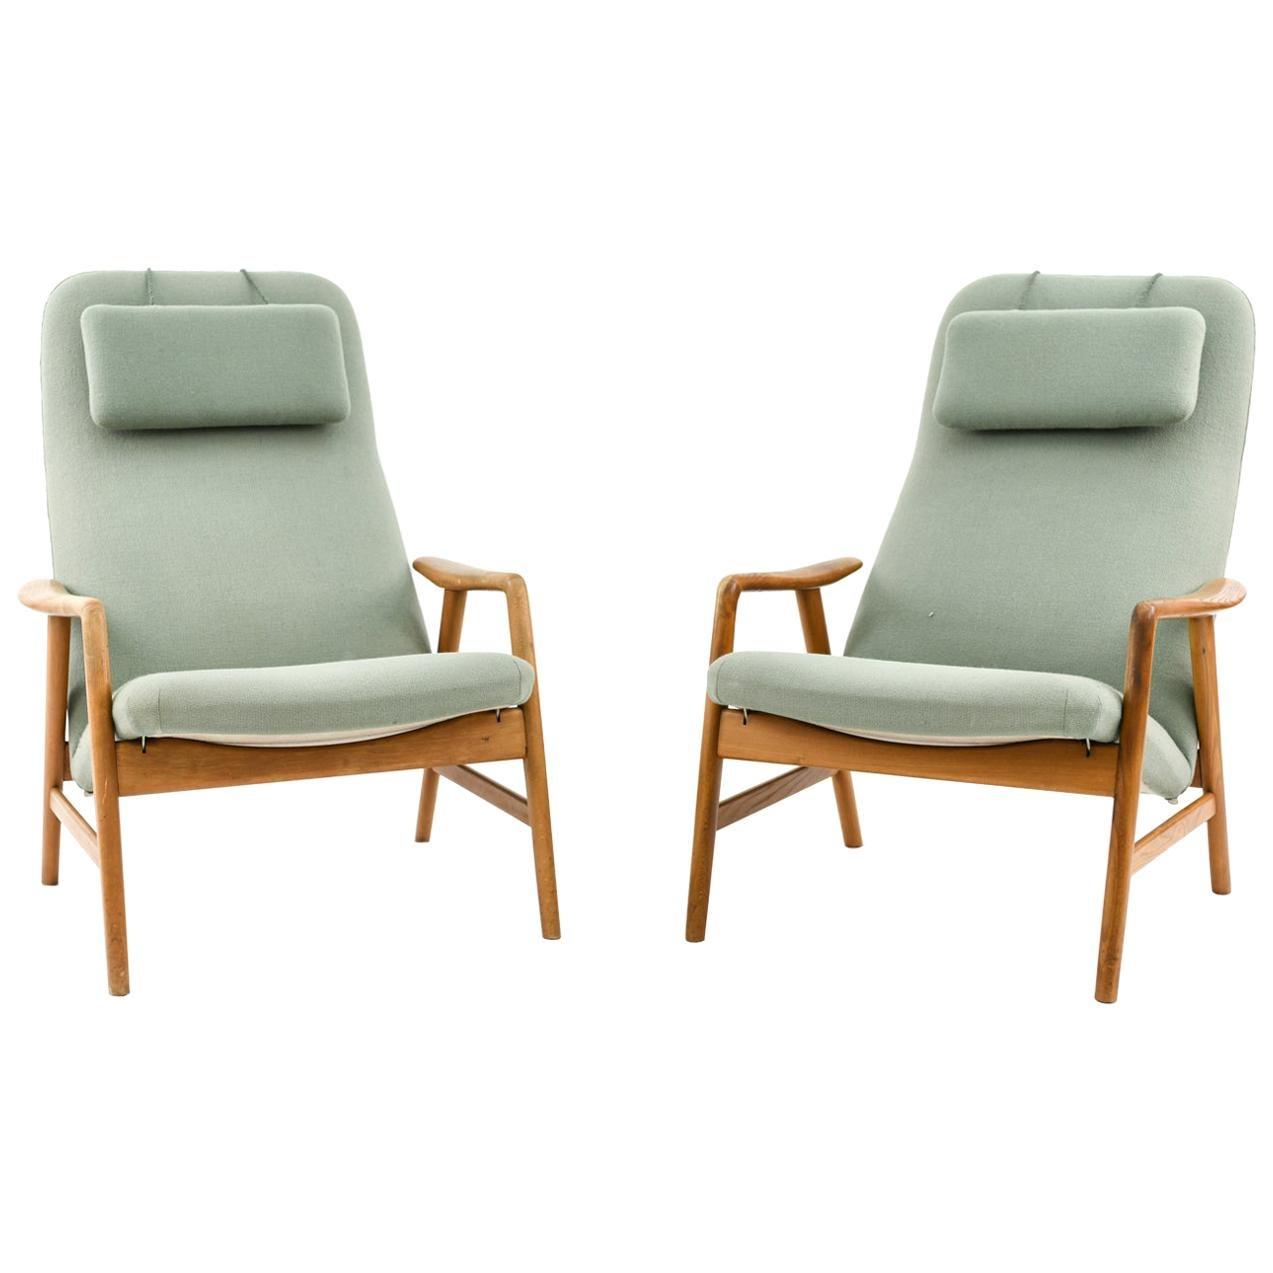 Alf Svensson for Fritz Hansen Model 4312 Highback Lounge Chair